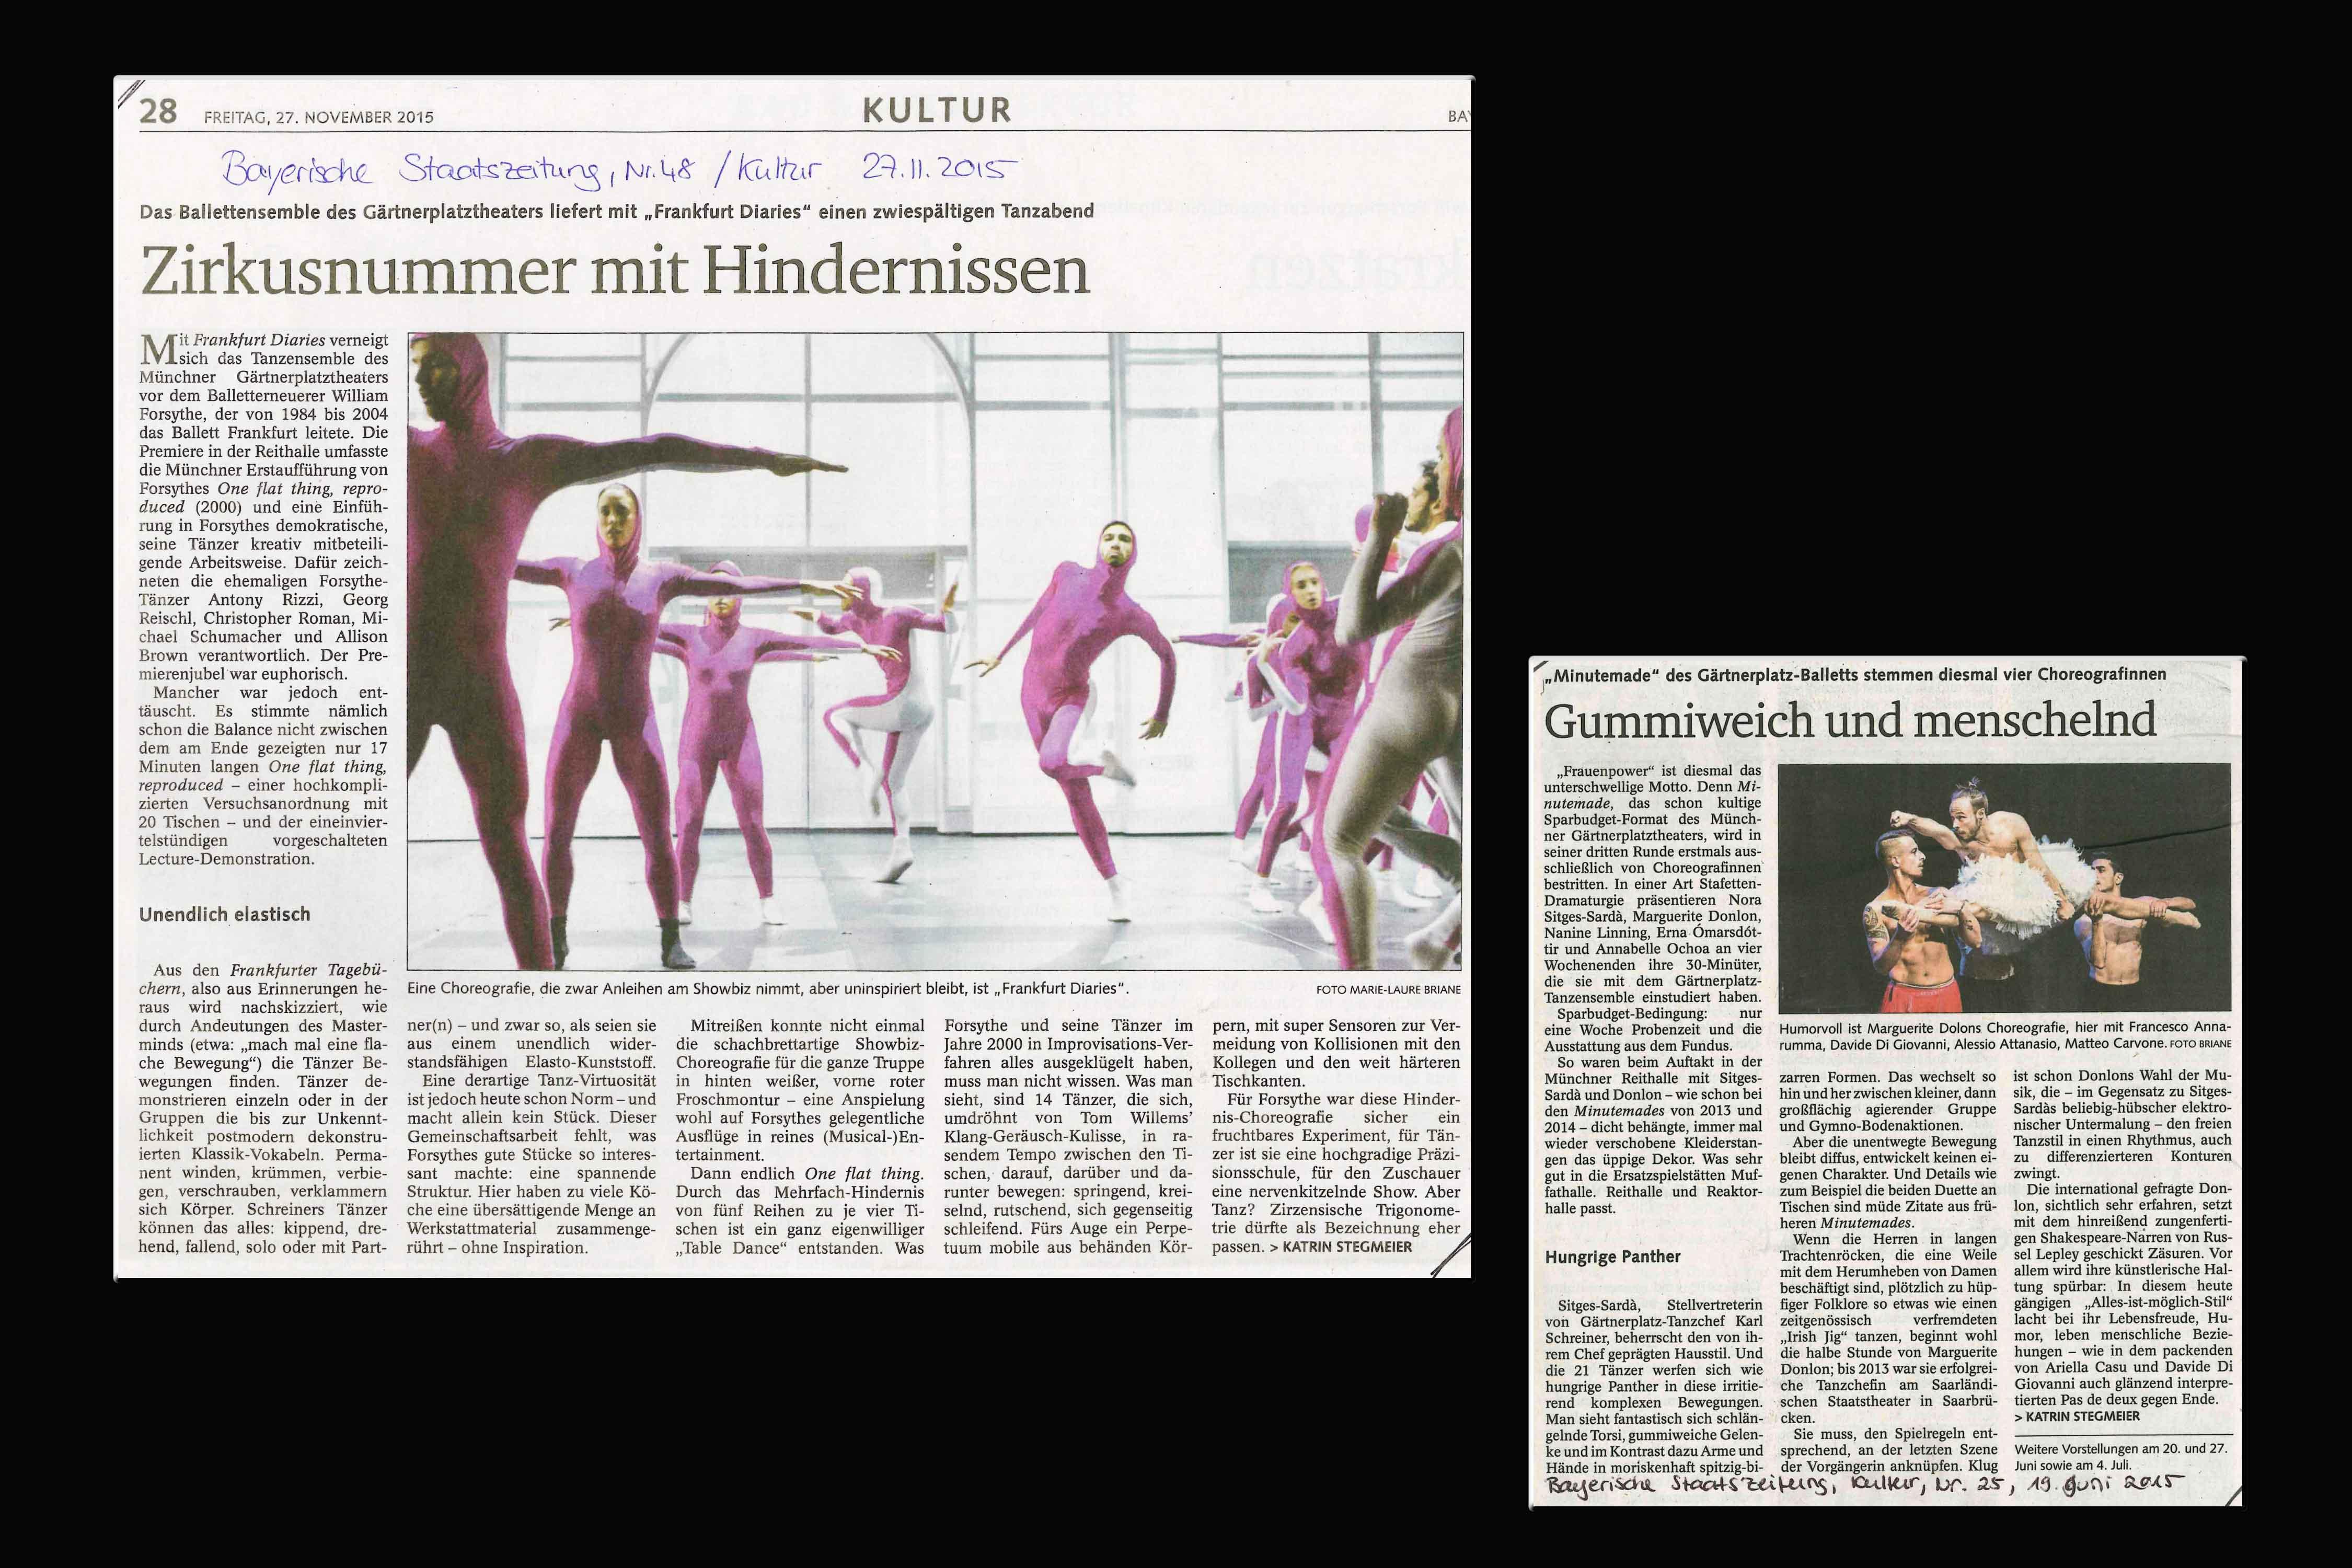 Bayerische Staatszeitung